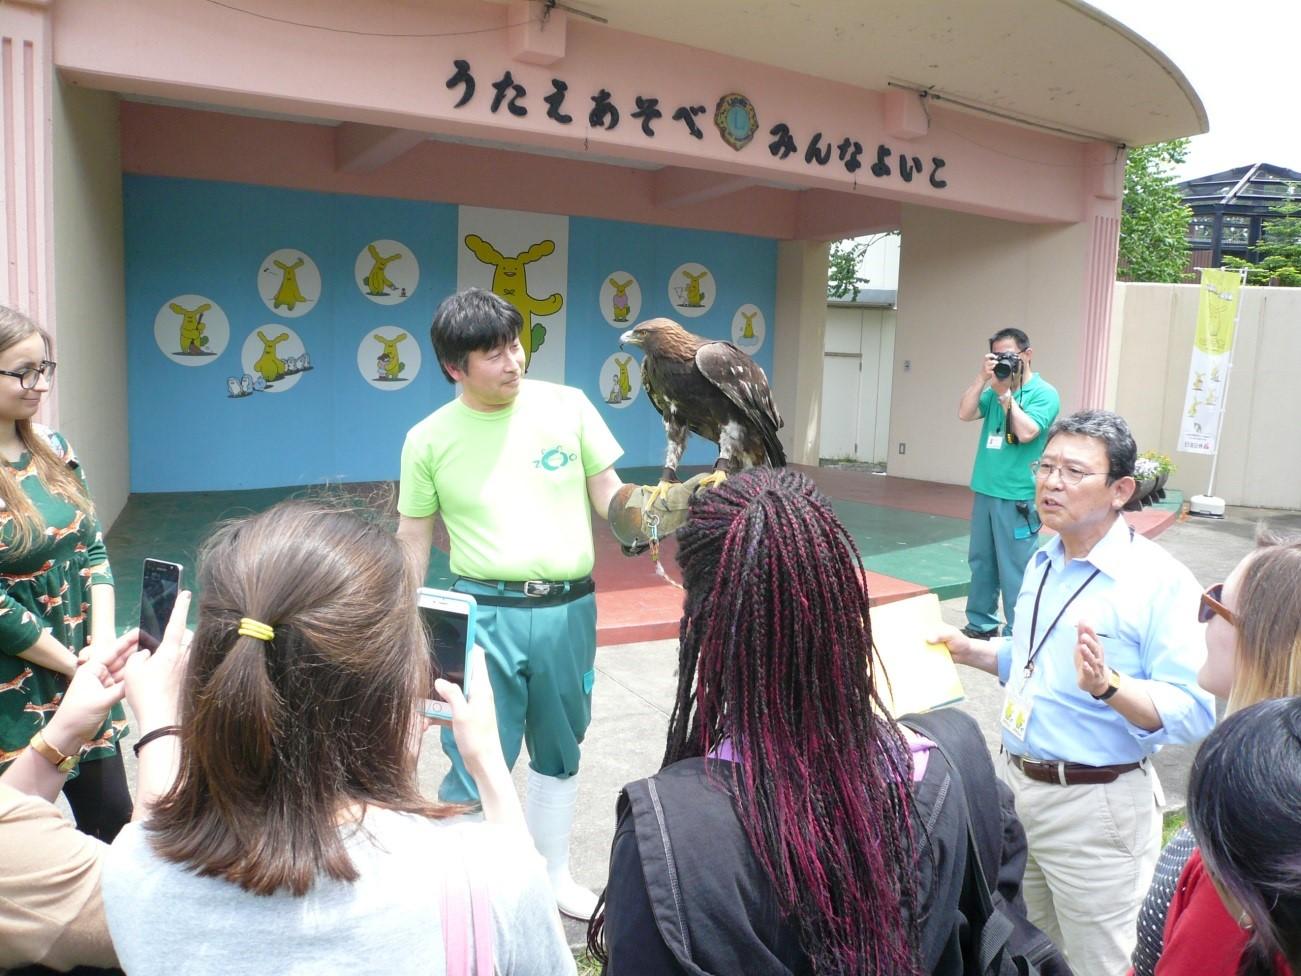 大森山動物園で育てられたイヌワシとの交流の写真